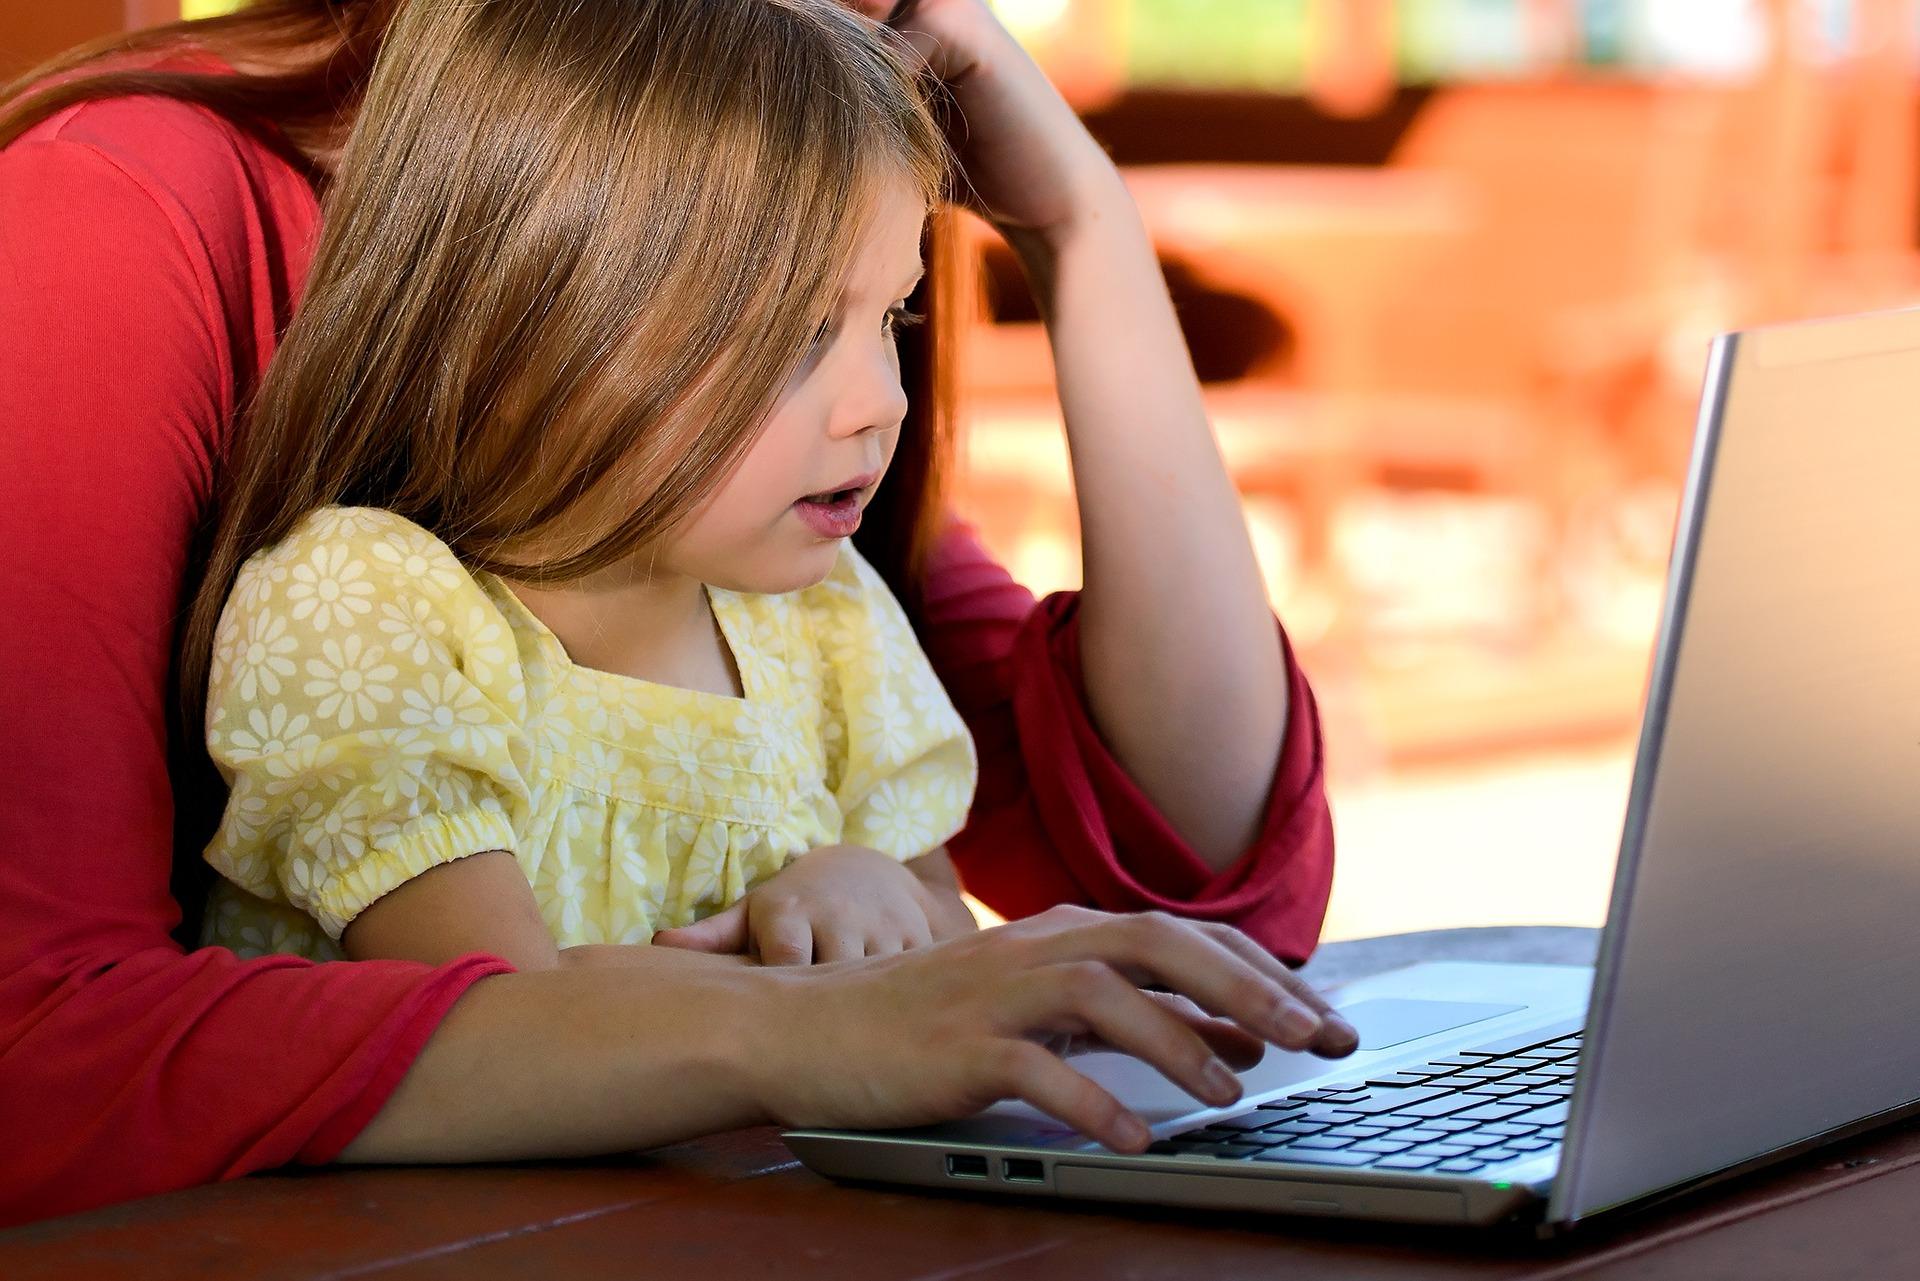 Orangtua juga harus melek dengan teknologi terkini dan update mengenai jenis serangan siber yang menargetkan anak